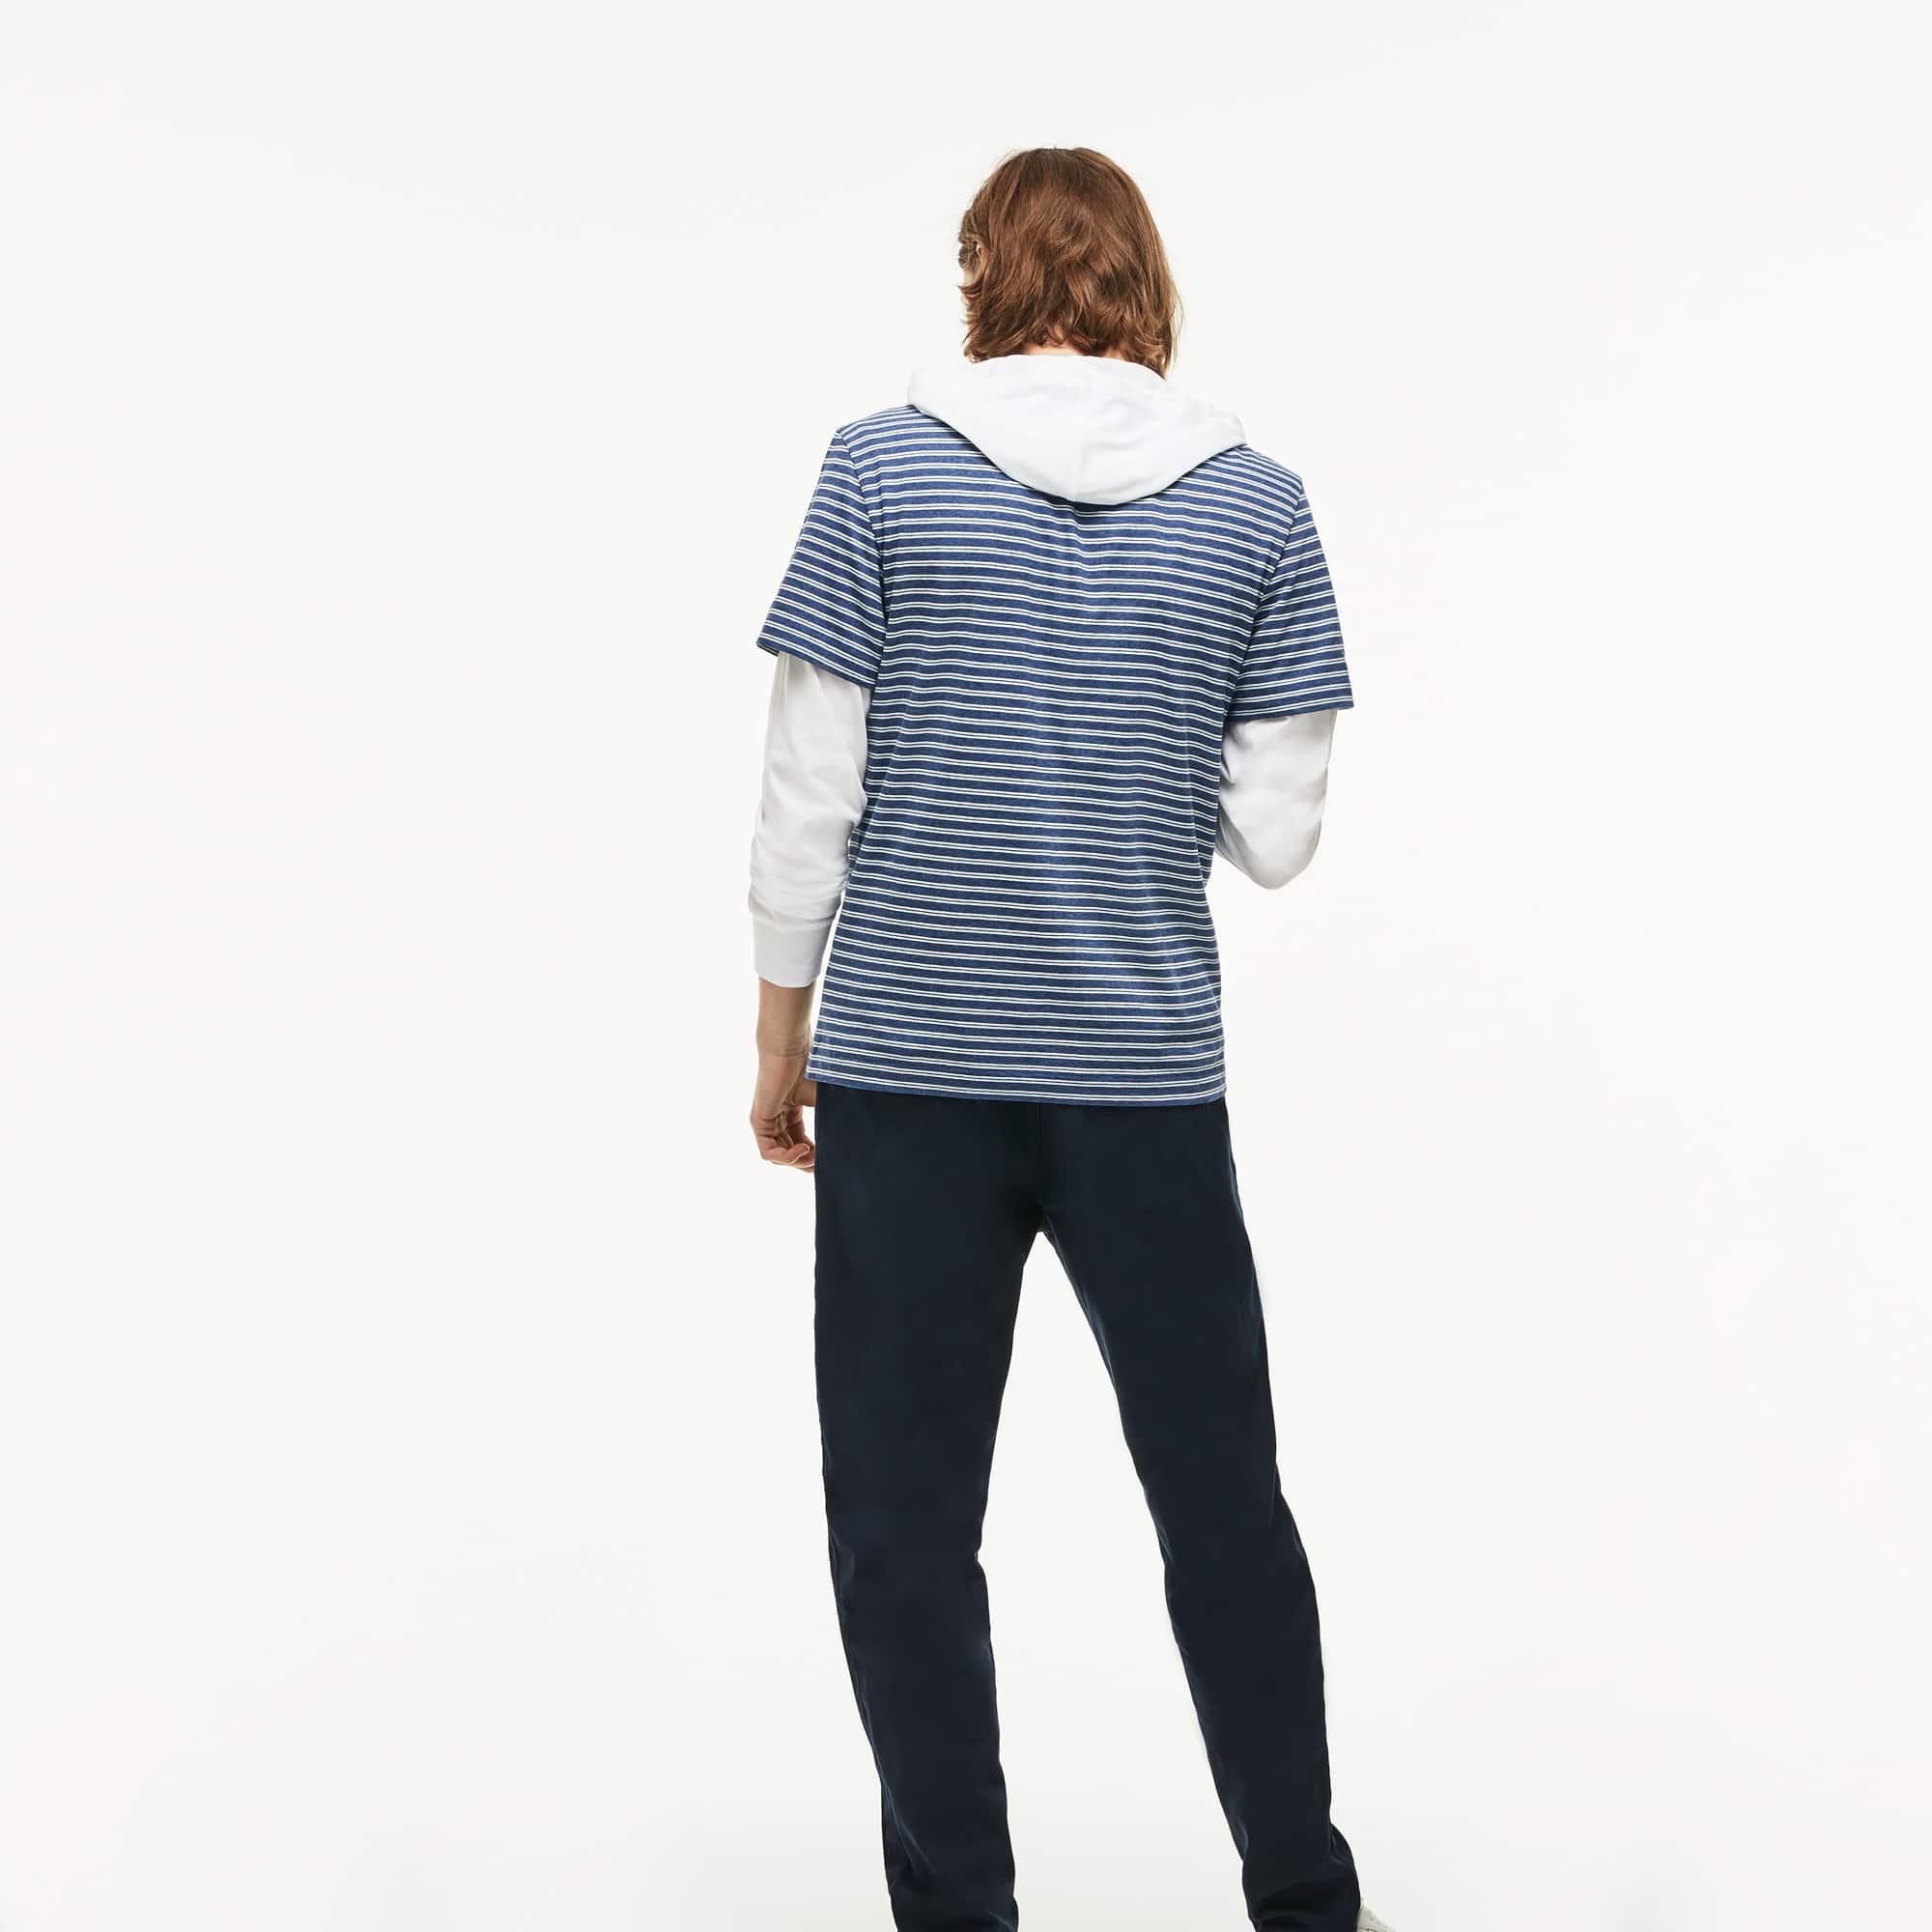 Lacoste - Herren Rundhals-Shirt aus gestreiftem Baumwolljersey - 2